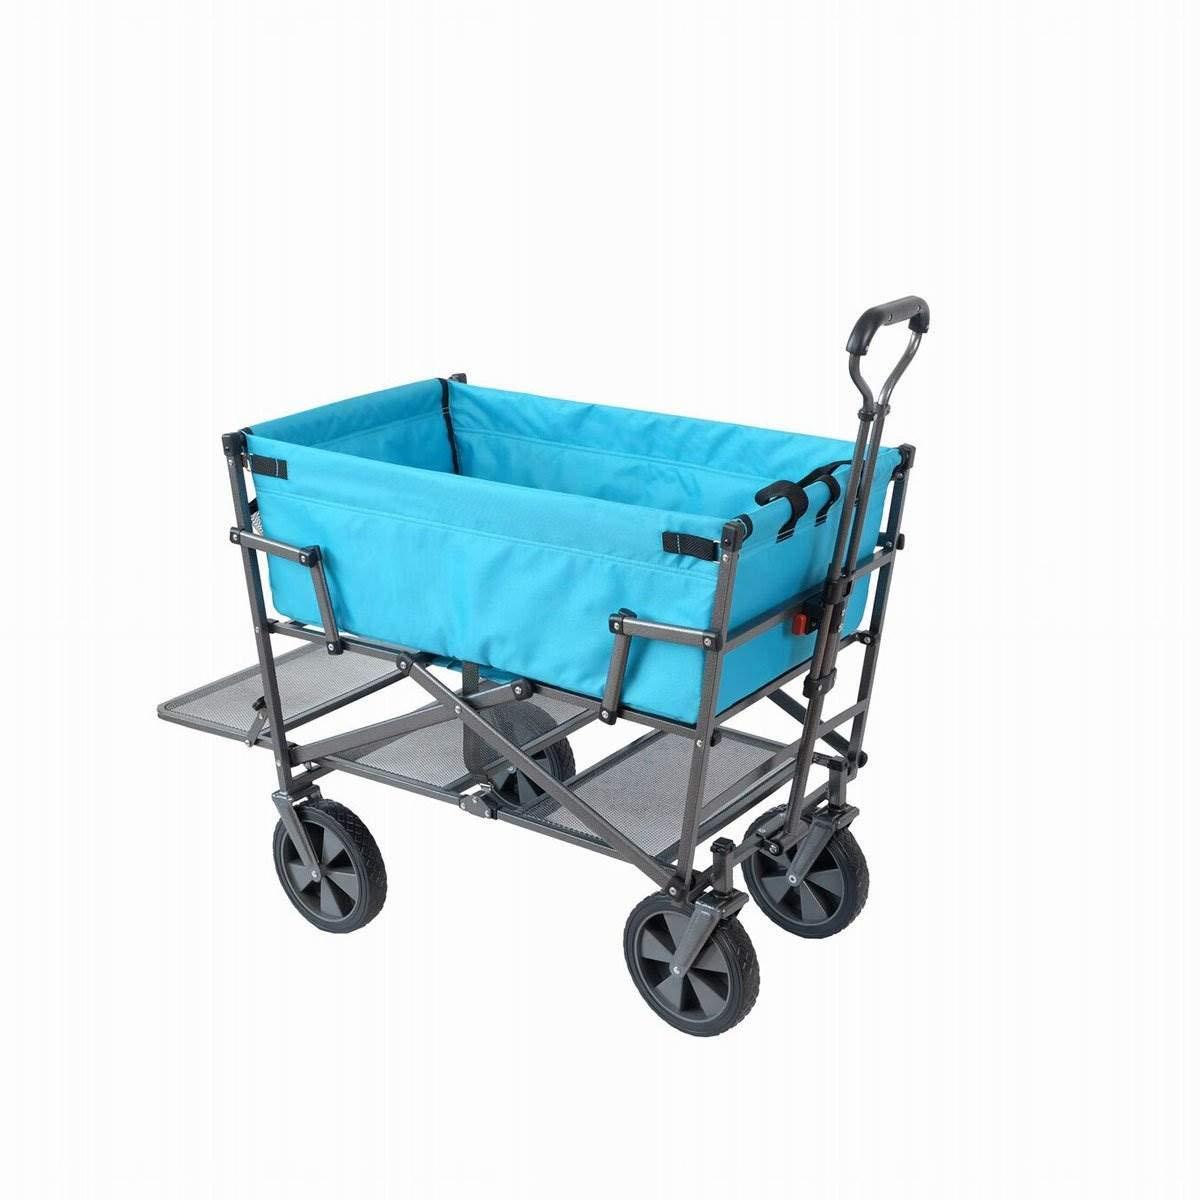 Mac Sports Heavy Duty Steel Double Decker Collapsible Yard Cart Wagon, Blue by Mac Sports